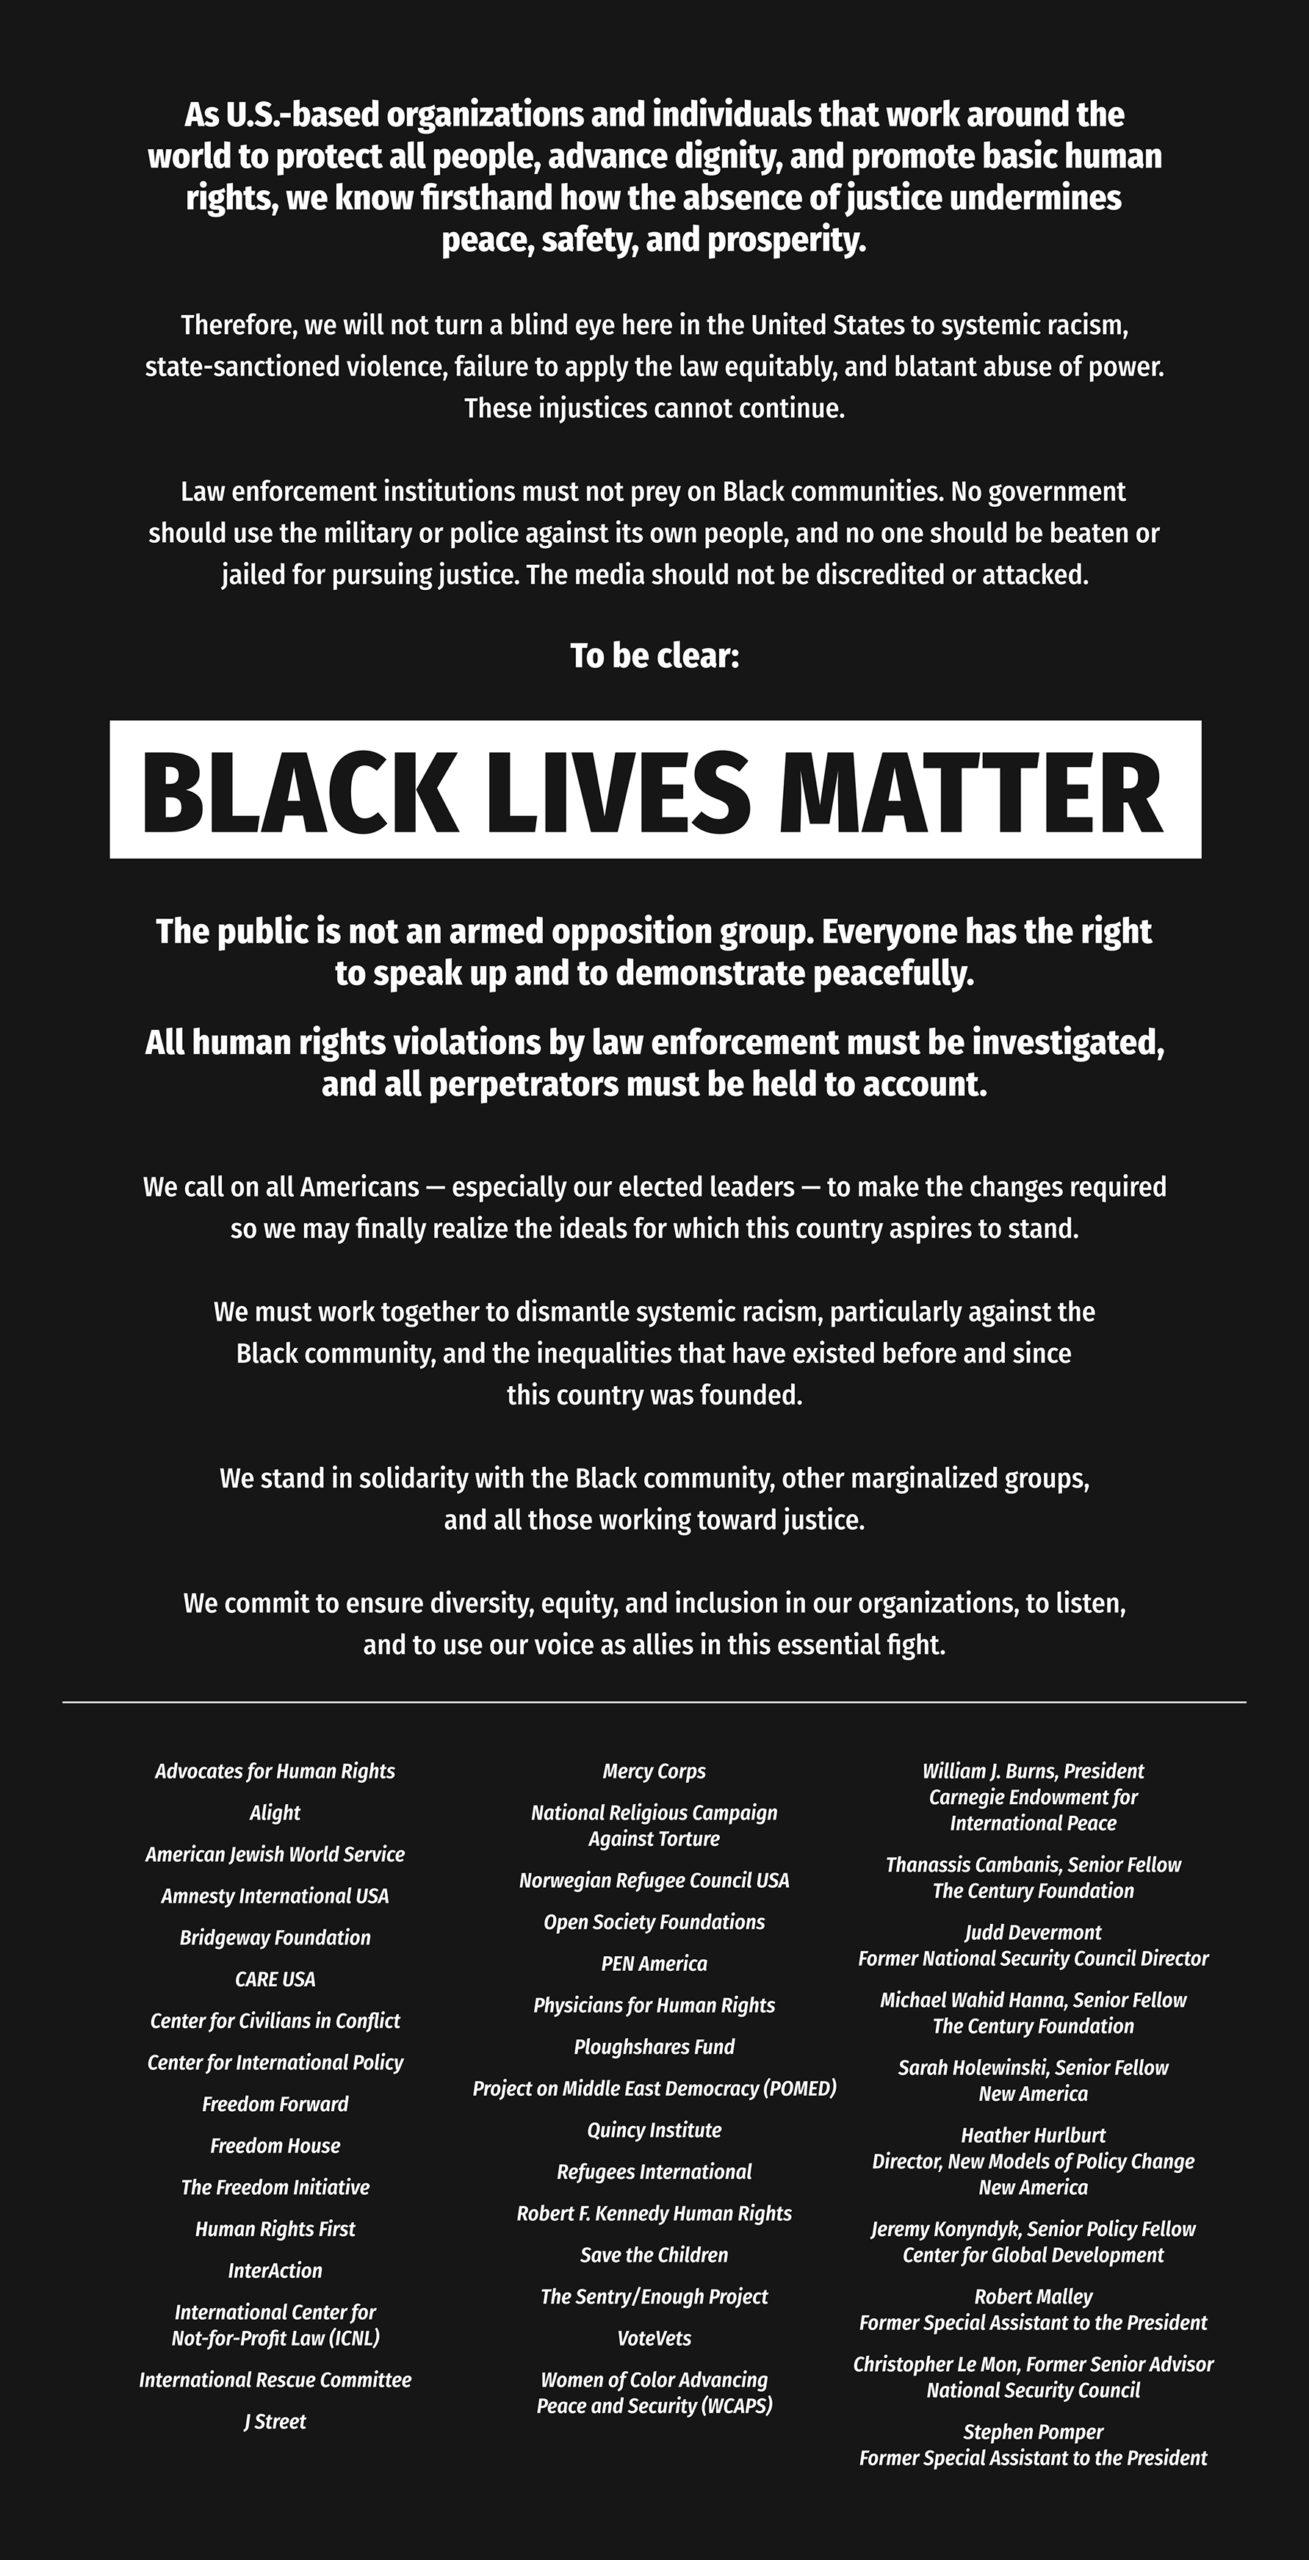 CARE et d'autres organisations ont publié une déclaration soutenant Black Lives Matter dans le numéro du 15 juin du Minneapolis Star Tribune.